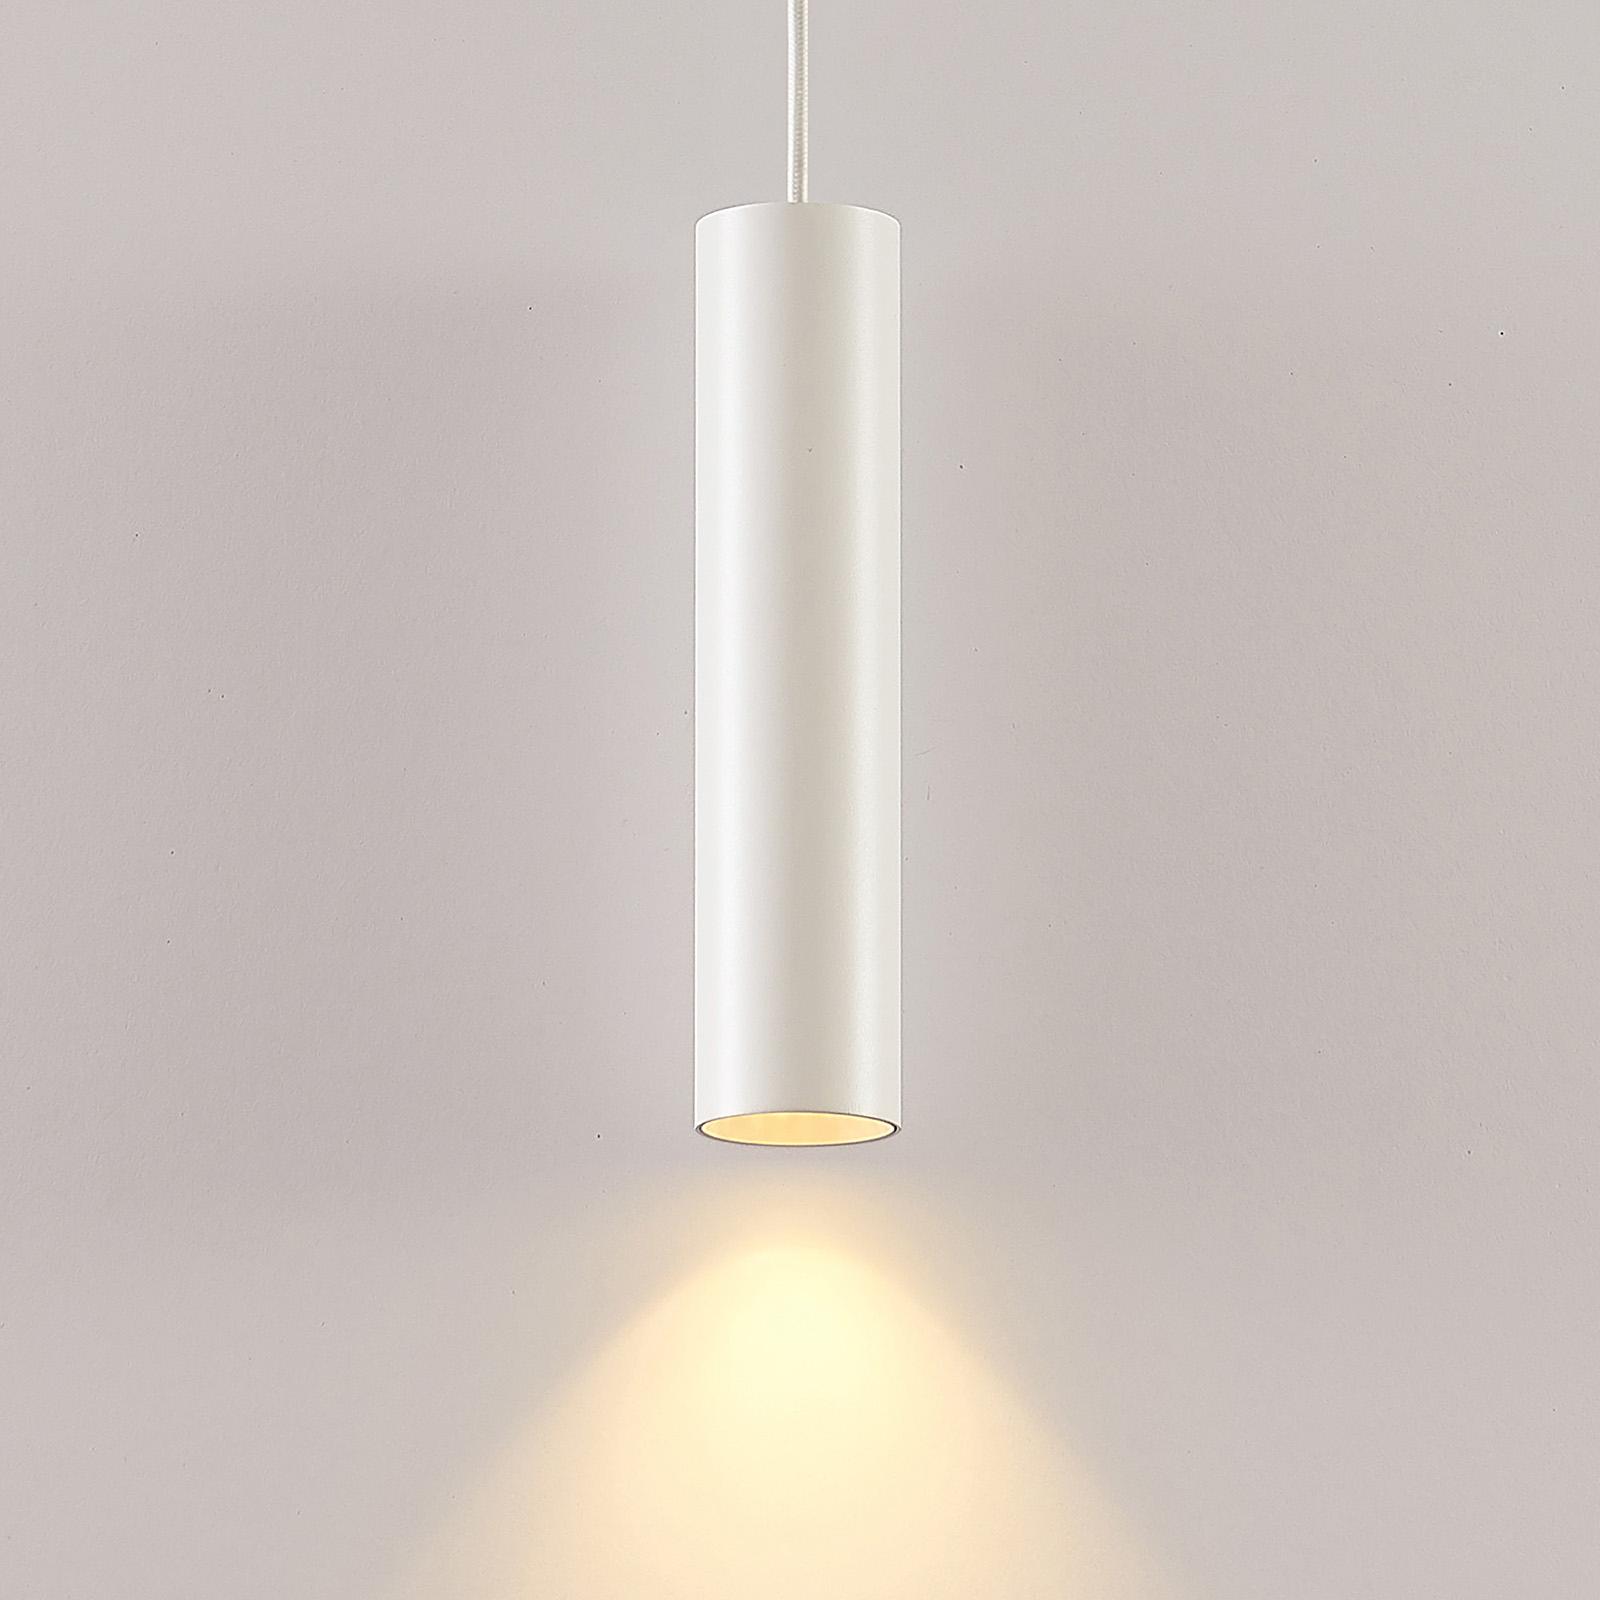 Arcchio Ejona sospensione, altezza 27 cm, bianco